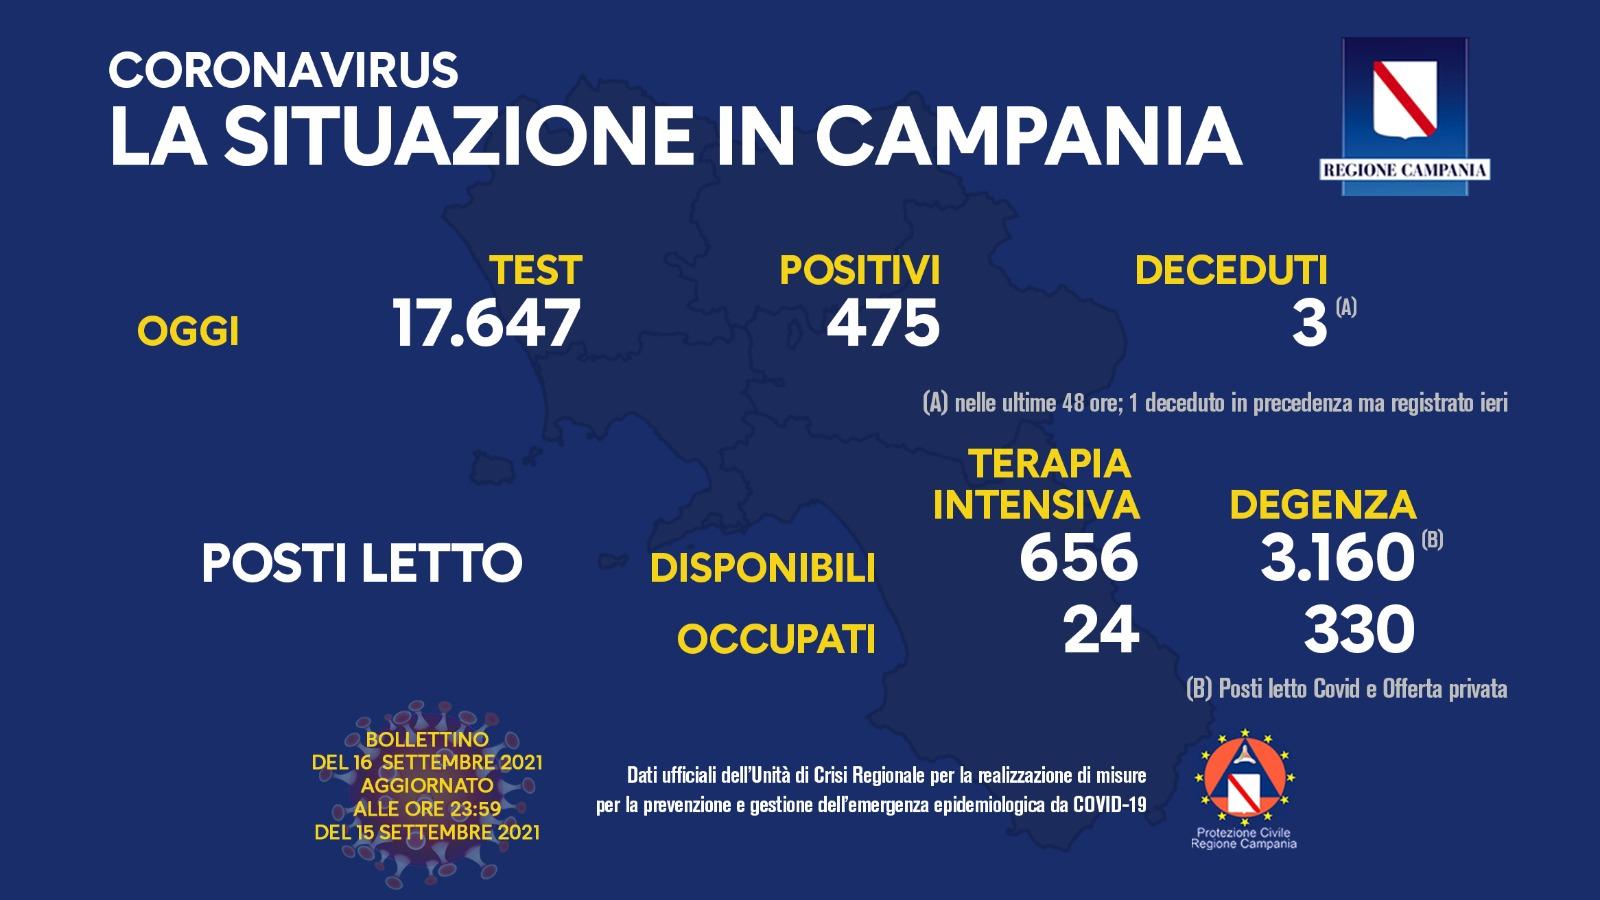 Covid 19 in Campania, bollettino 15 settembre: 475 positivi